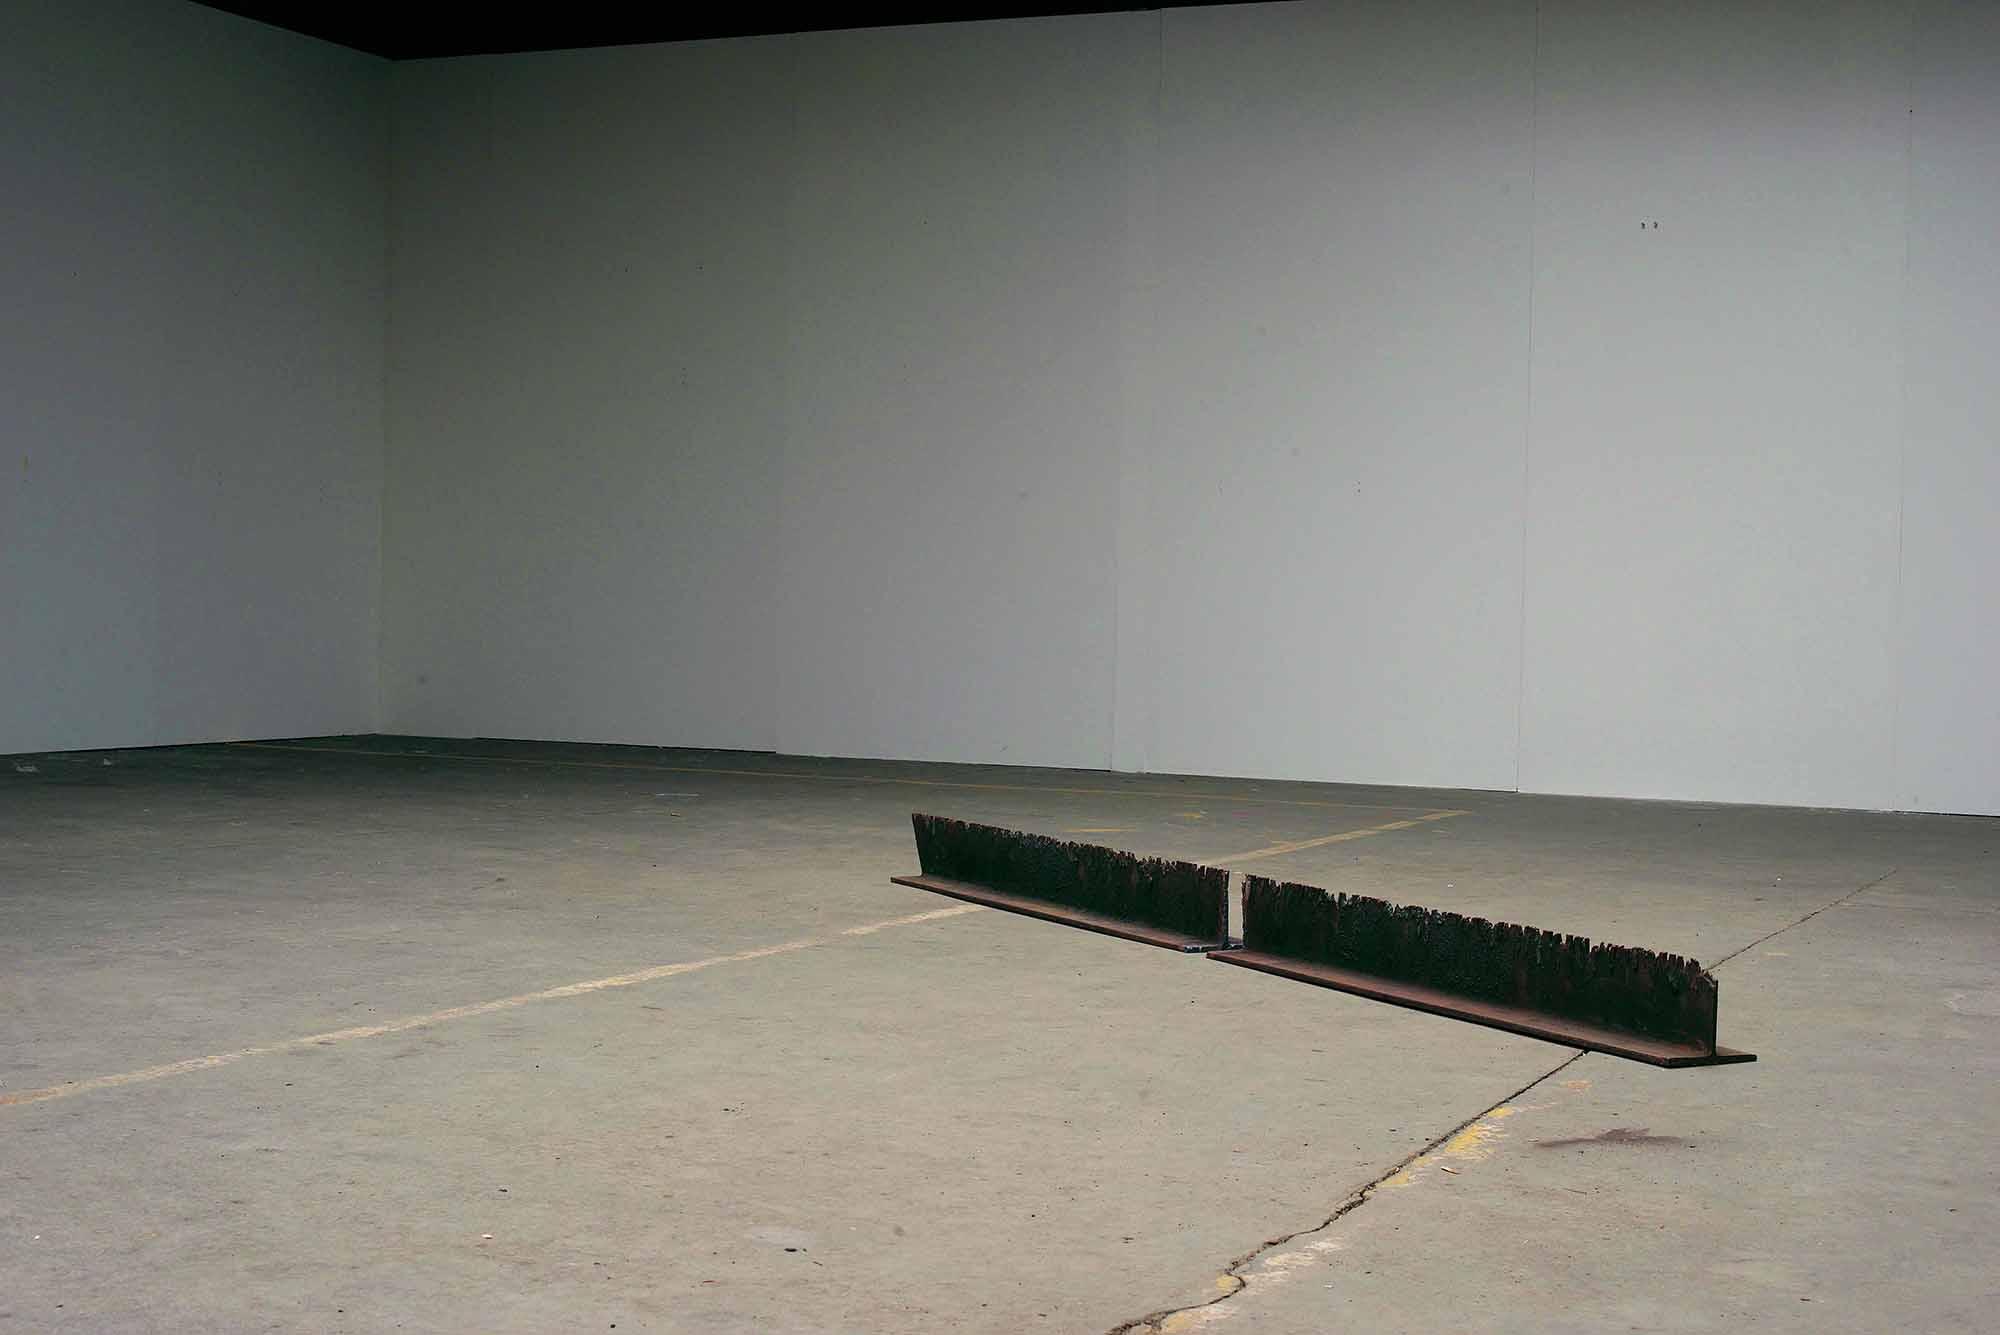 Mild steel. 263 x 14 x 14cm